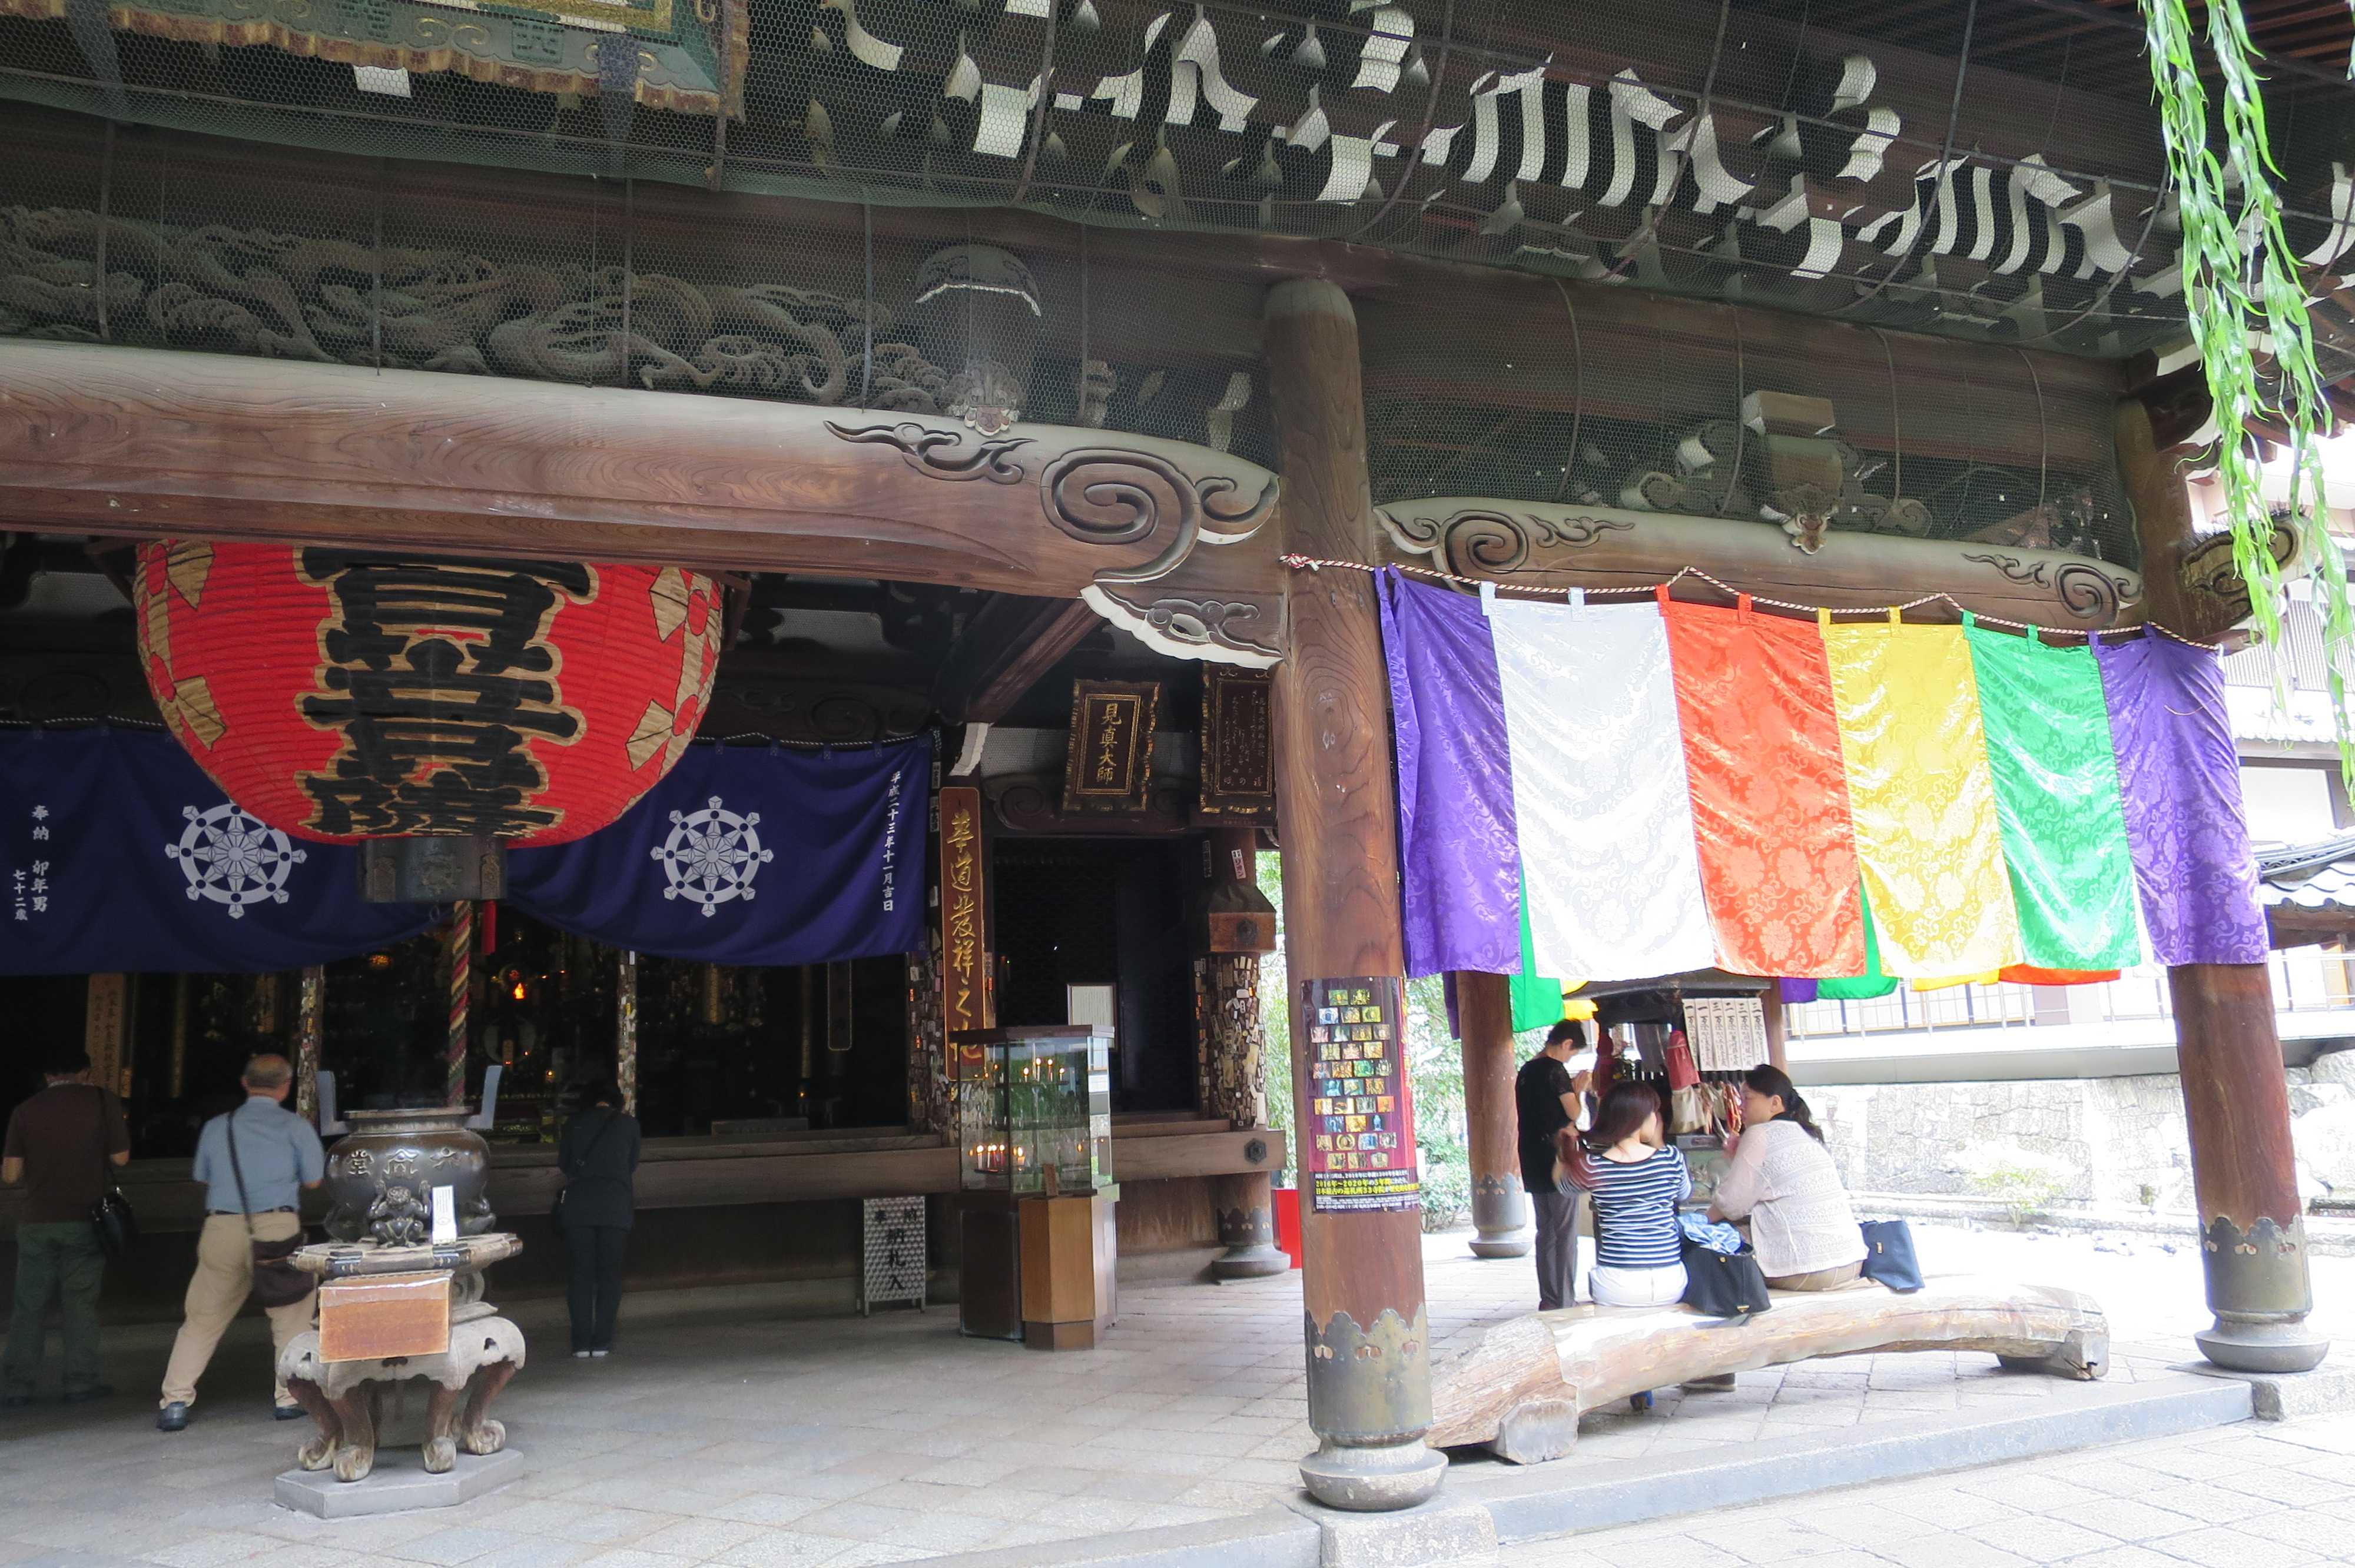 京都・六角堂の五色幕(ごしきまく)